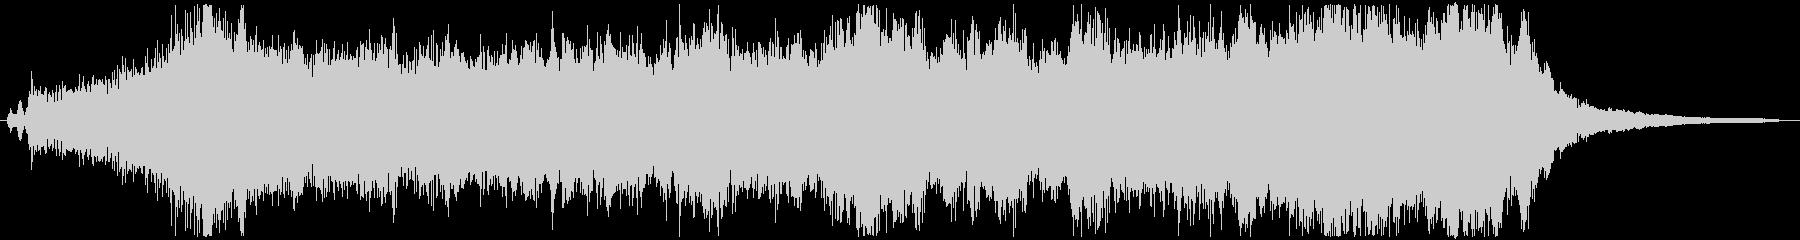 明るく希望的なオーケストラジングル_Bの未再生の波形